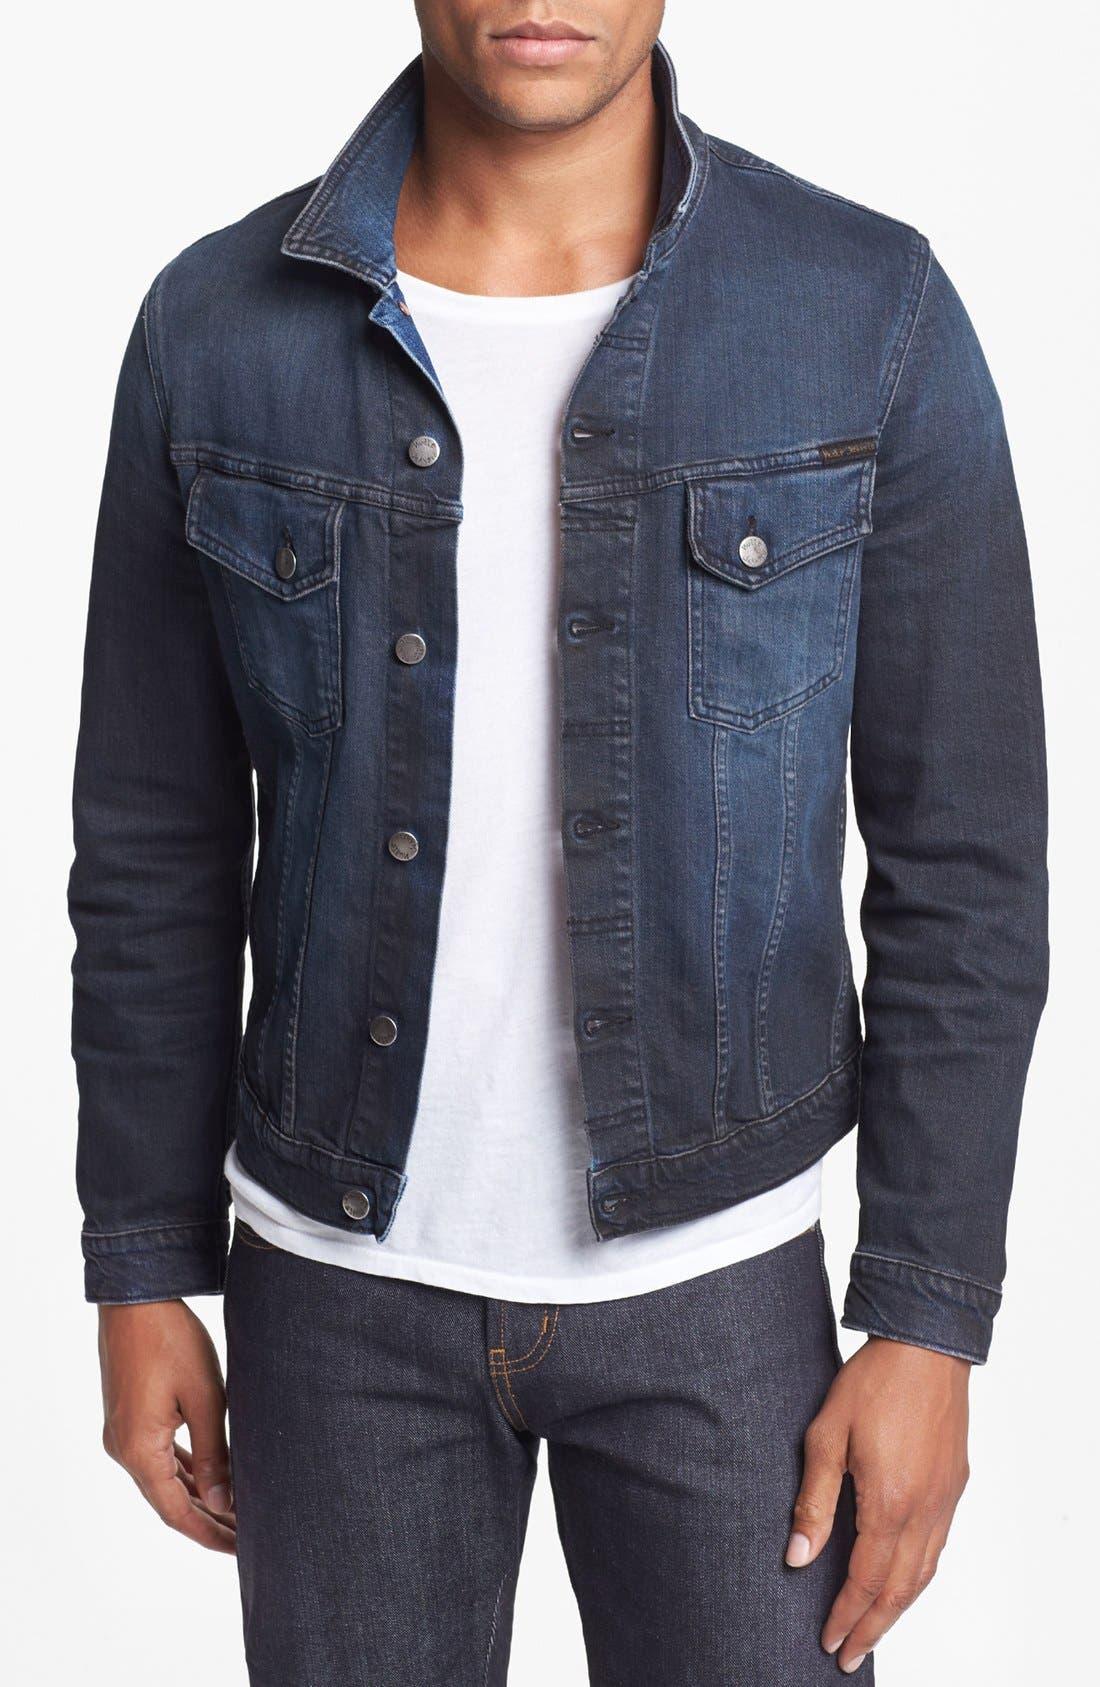 Main Image - Nudie Jeans 'Perry' Organic Denim Jacket